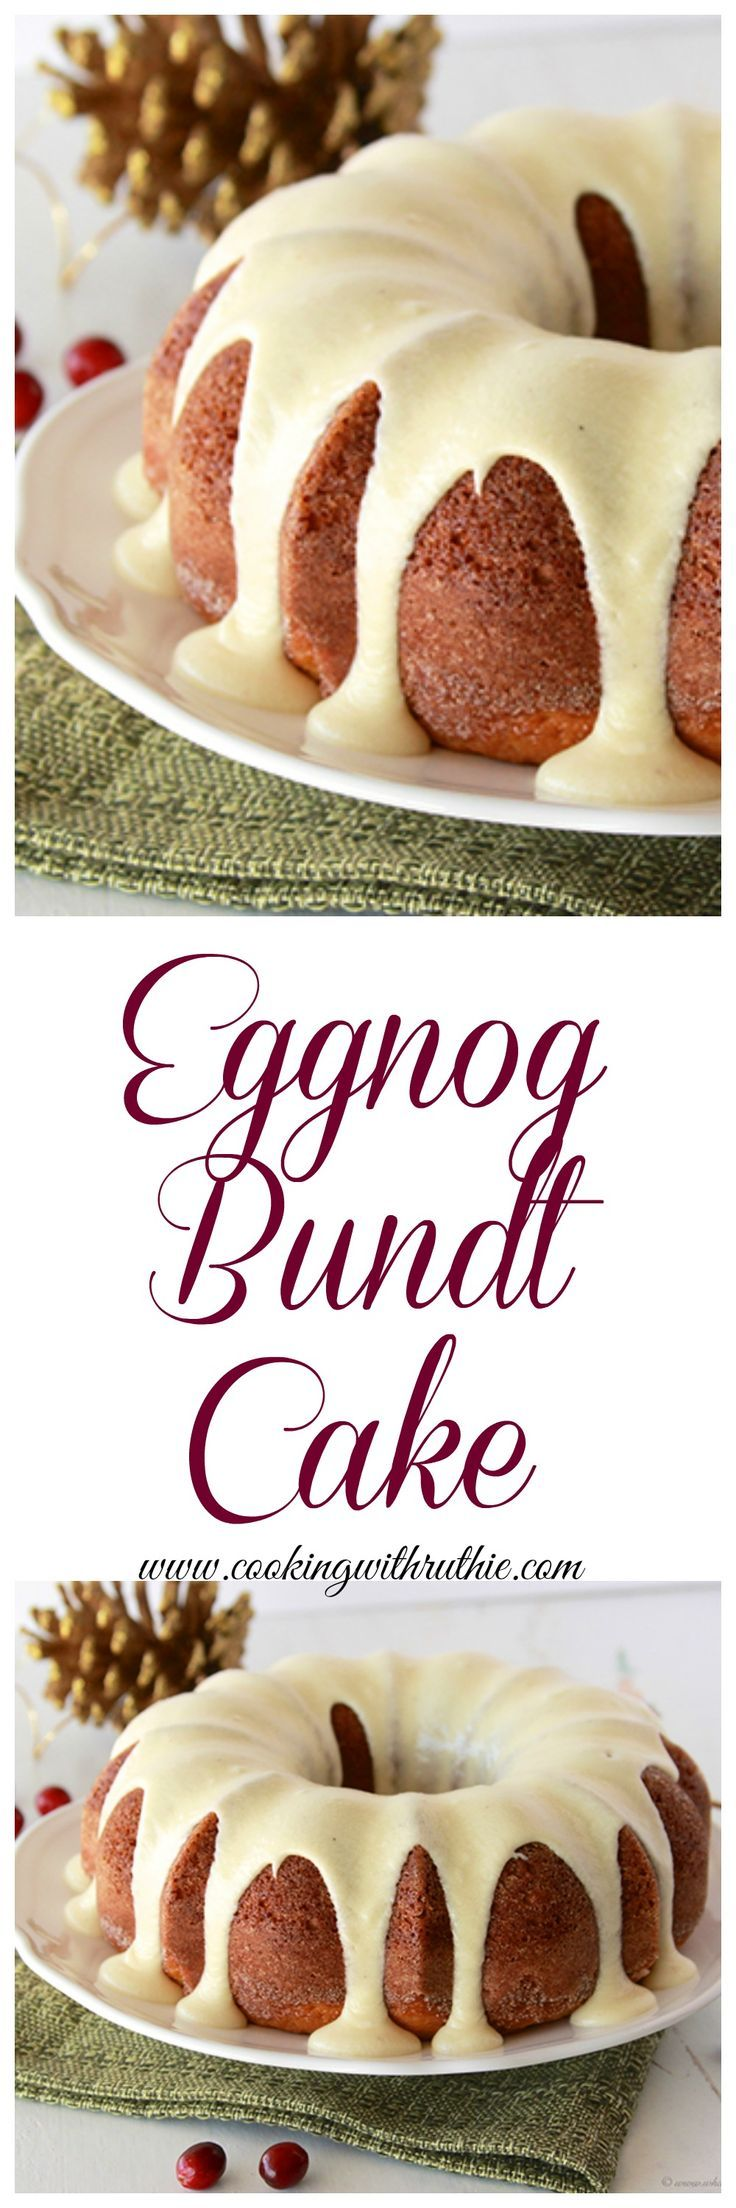 Eggnog Bundt Cake With Eggnog Frosting